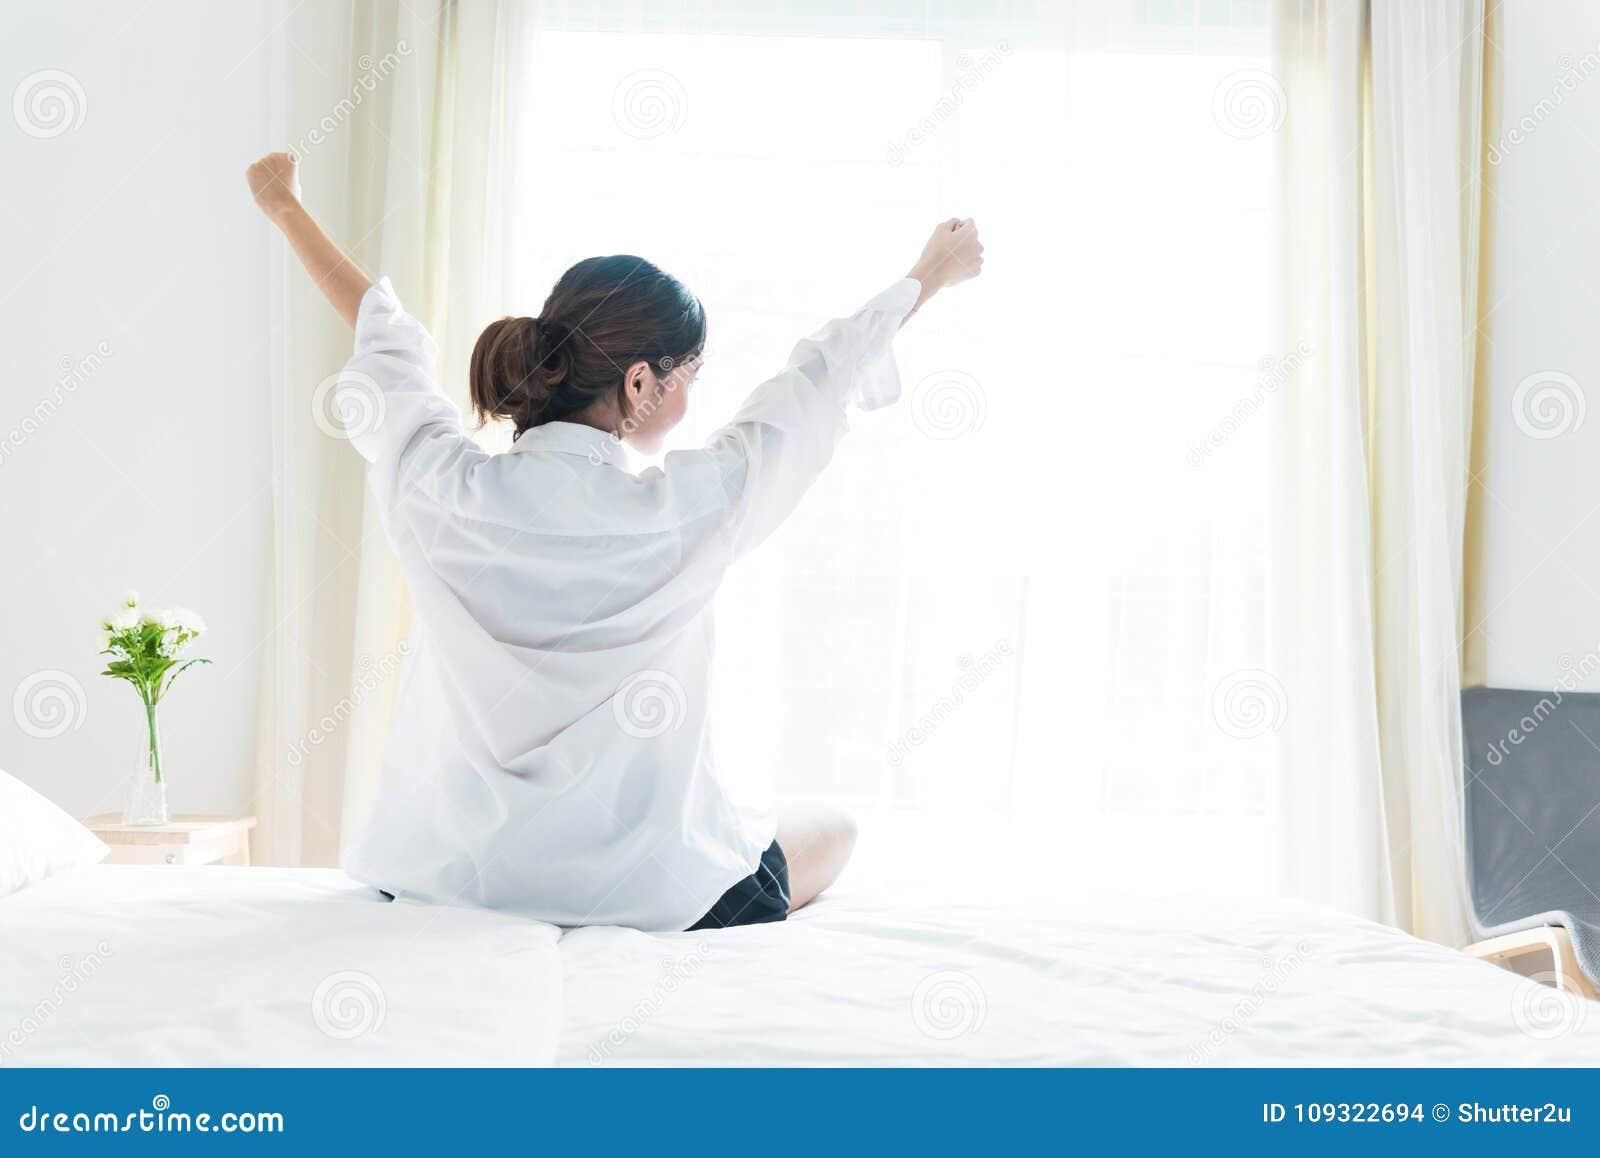 Tylny widok kobiety rozciąganie w ranku po budzić się up na łóżku